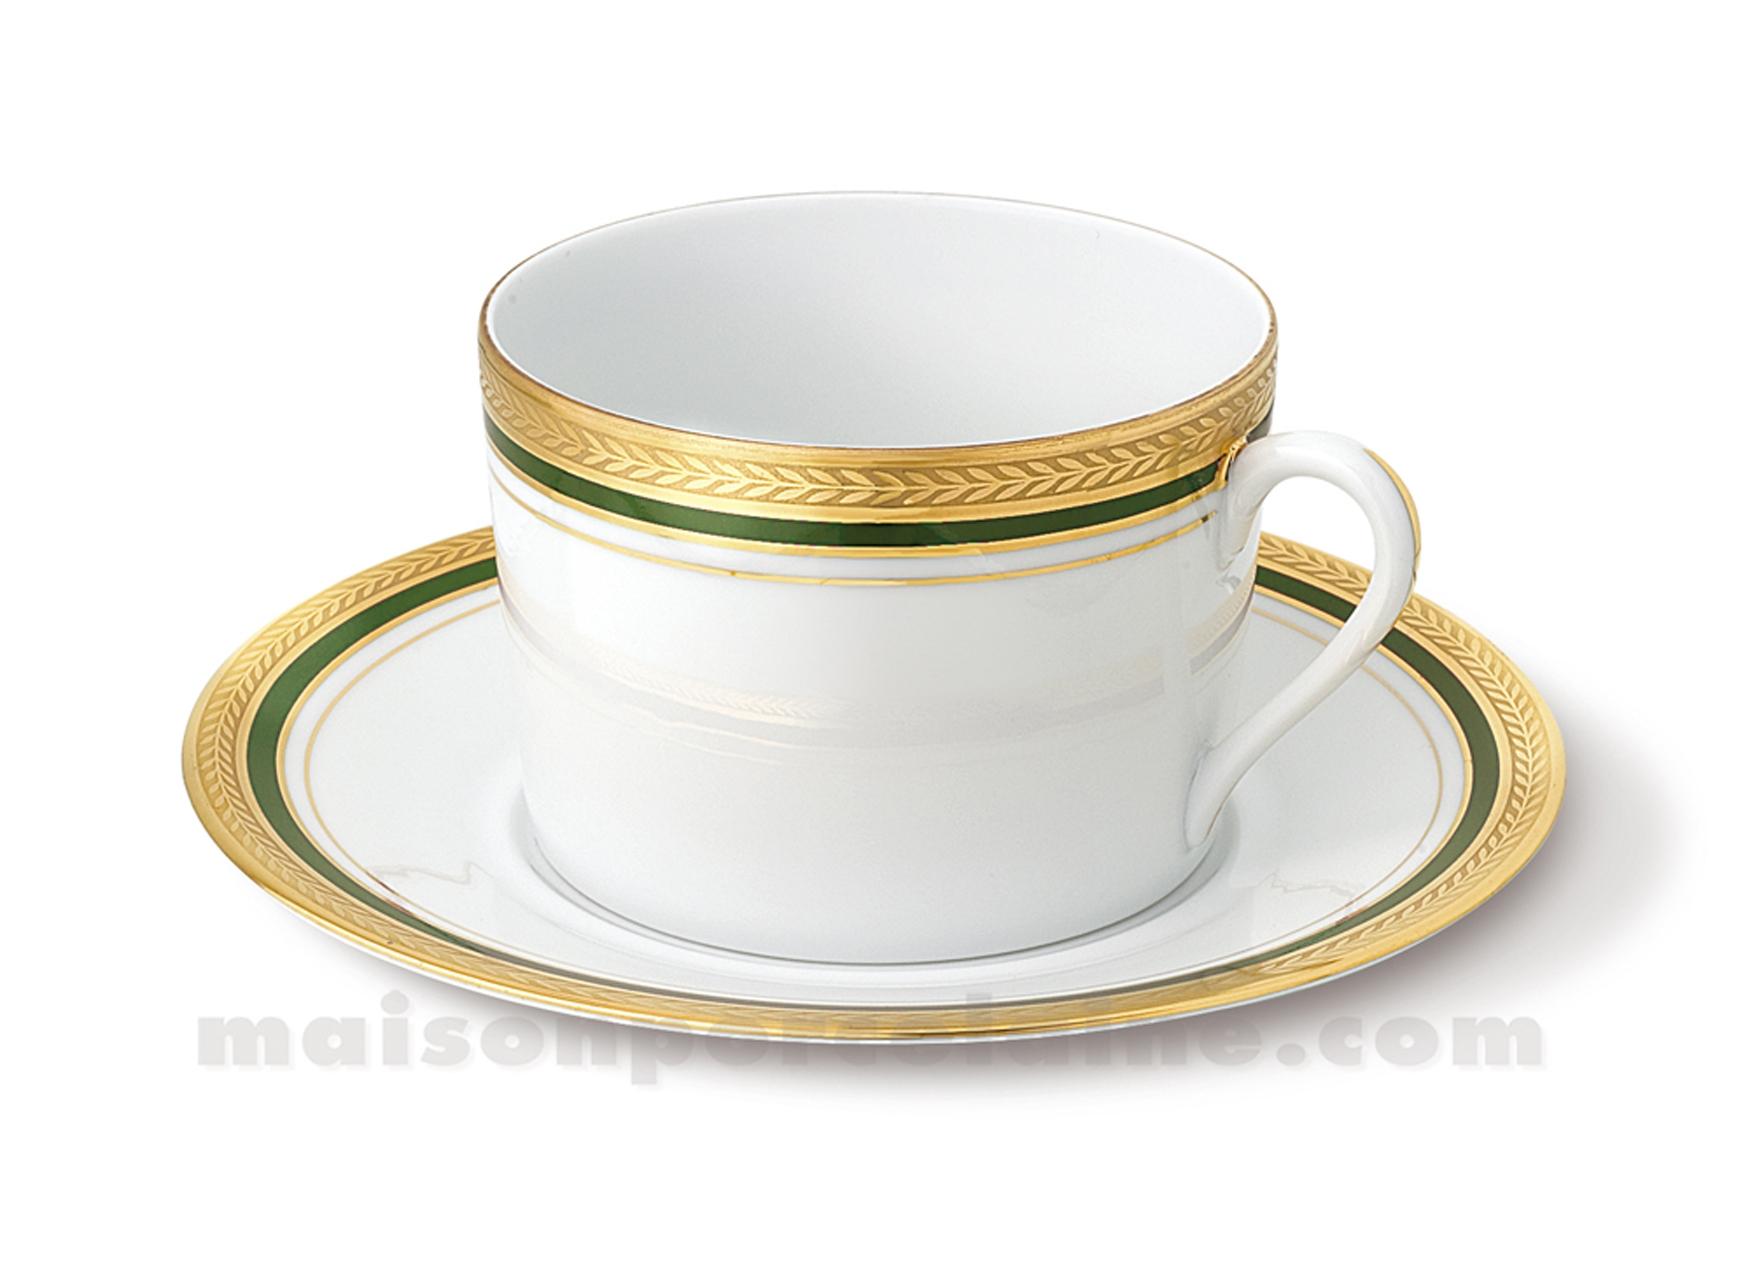 tasse dejeuner soucoupe limoges empire 10x7x17 5 3 maison de la porcelaine. Black Bedroom Furniture Sets. Home Design Ideas